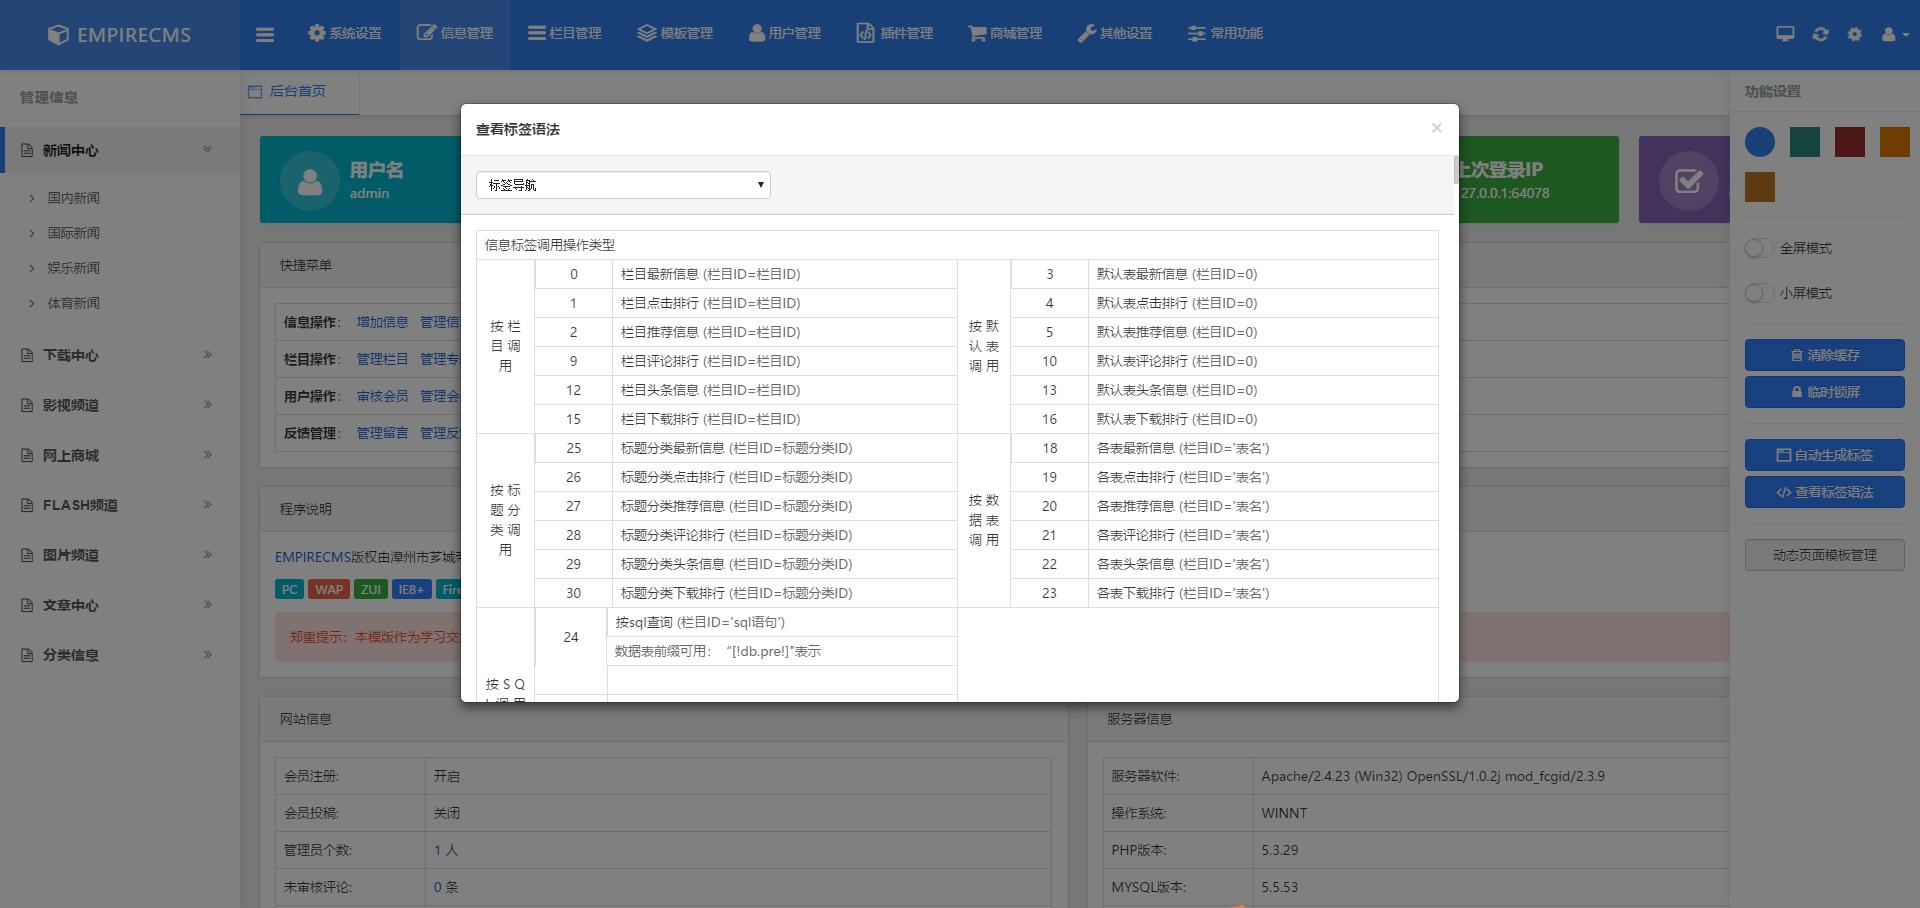 帝国cms7.5/7.2/7.0后台美化模板ecms美化版系统风格设计自适应-第7张